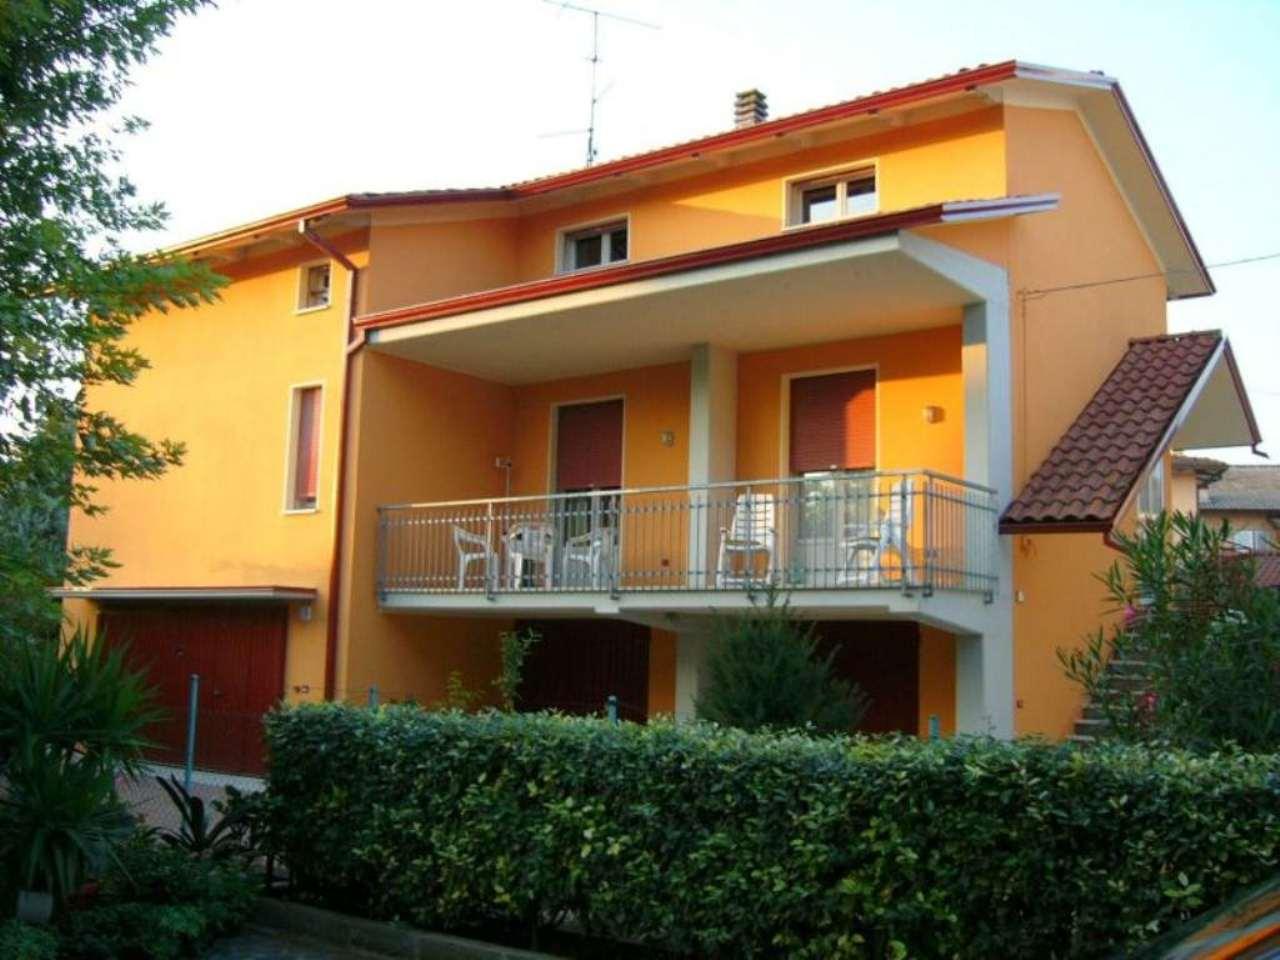 Soluzione Semindipendente in vendita a Campegine, 4 locali, prezzo € 158.000 | Cambio Casa.it